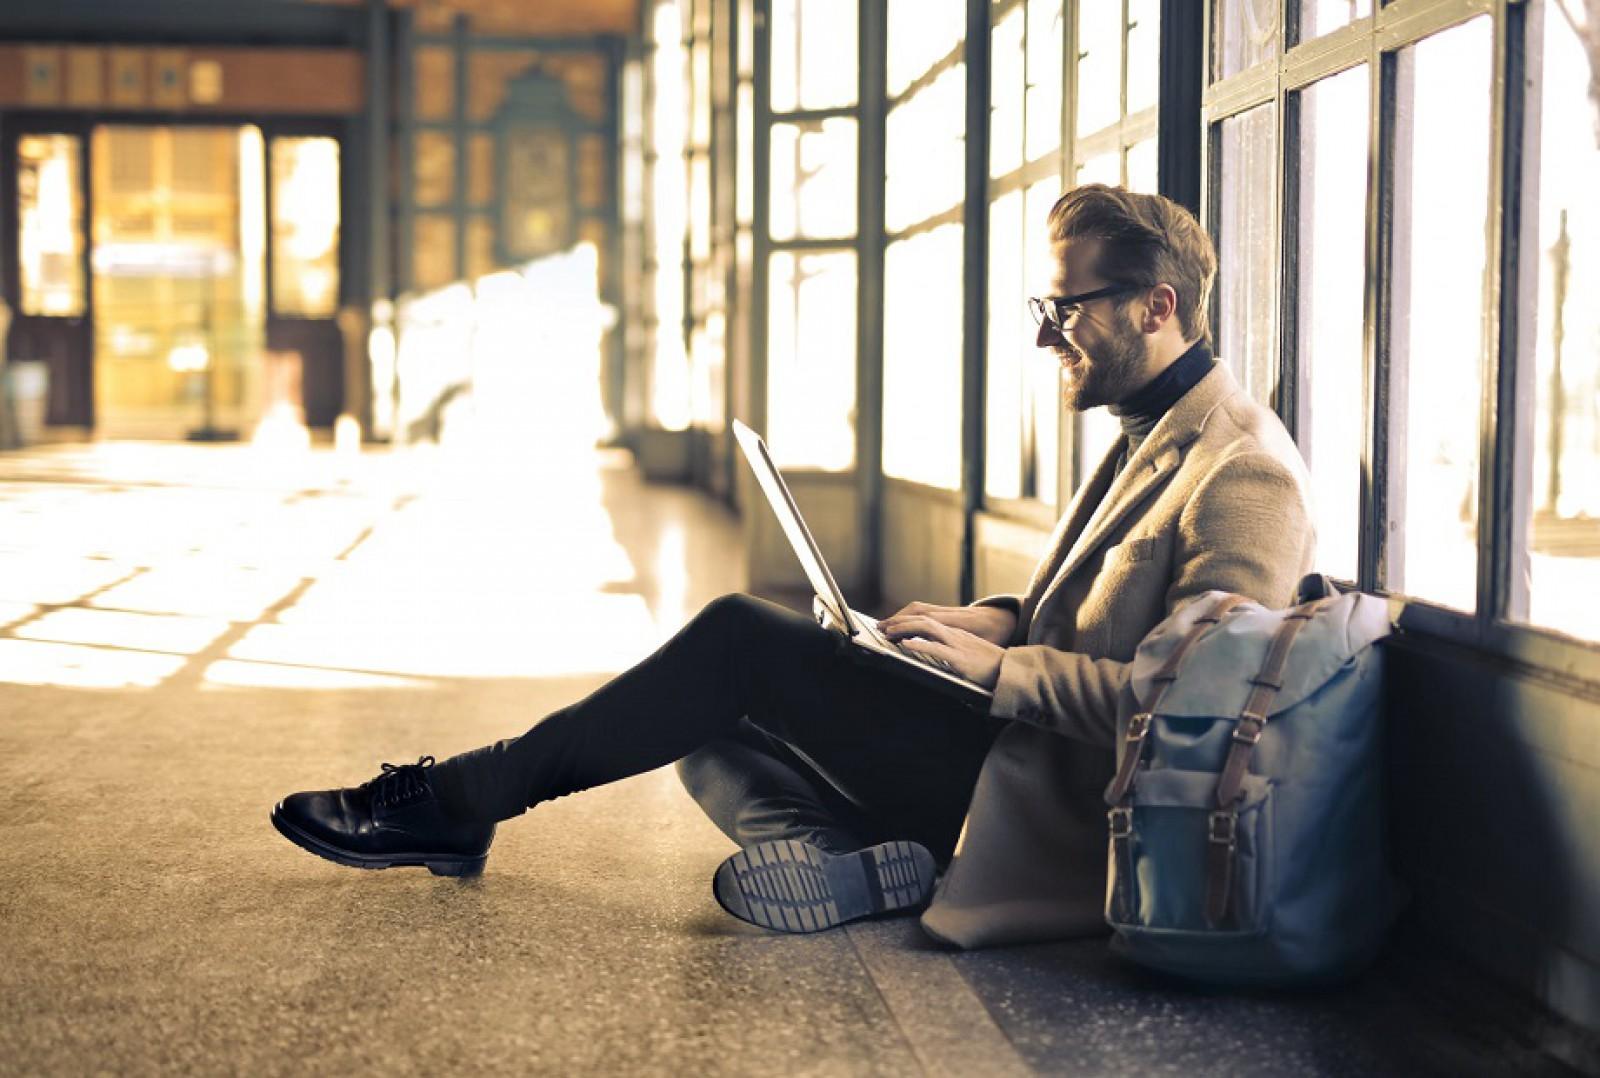 Cinci sugestii de cursuri care te vor ajuta să construiești o carieră digitală de succes